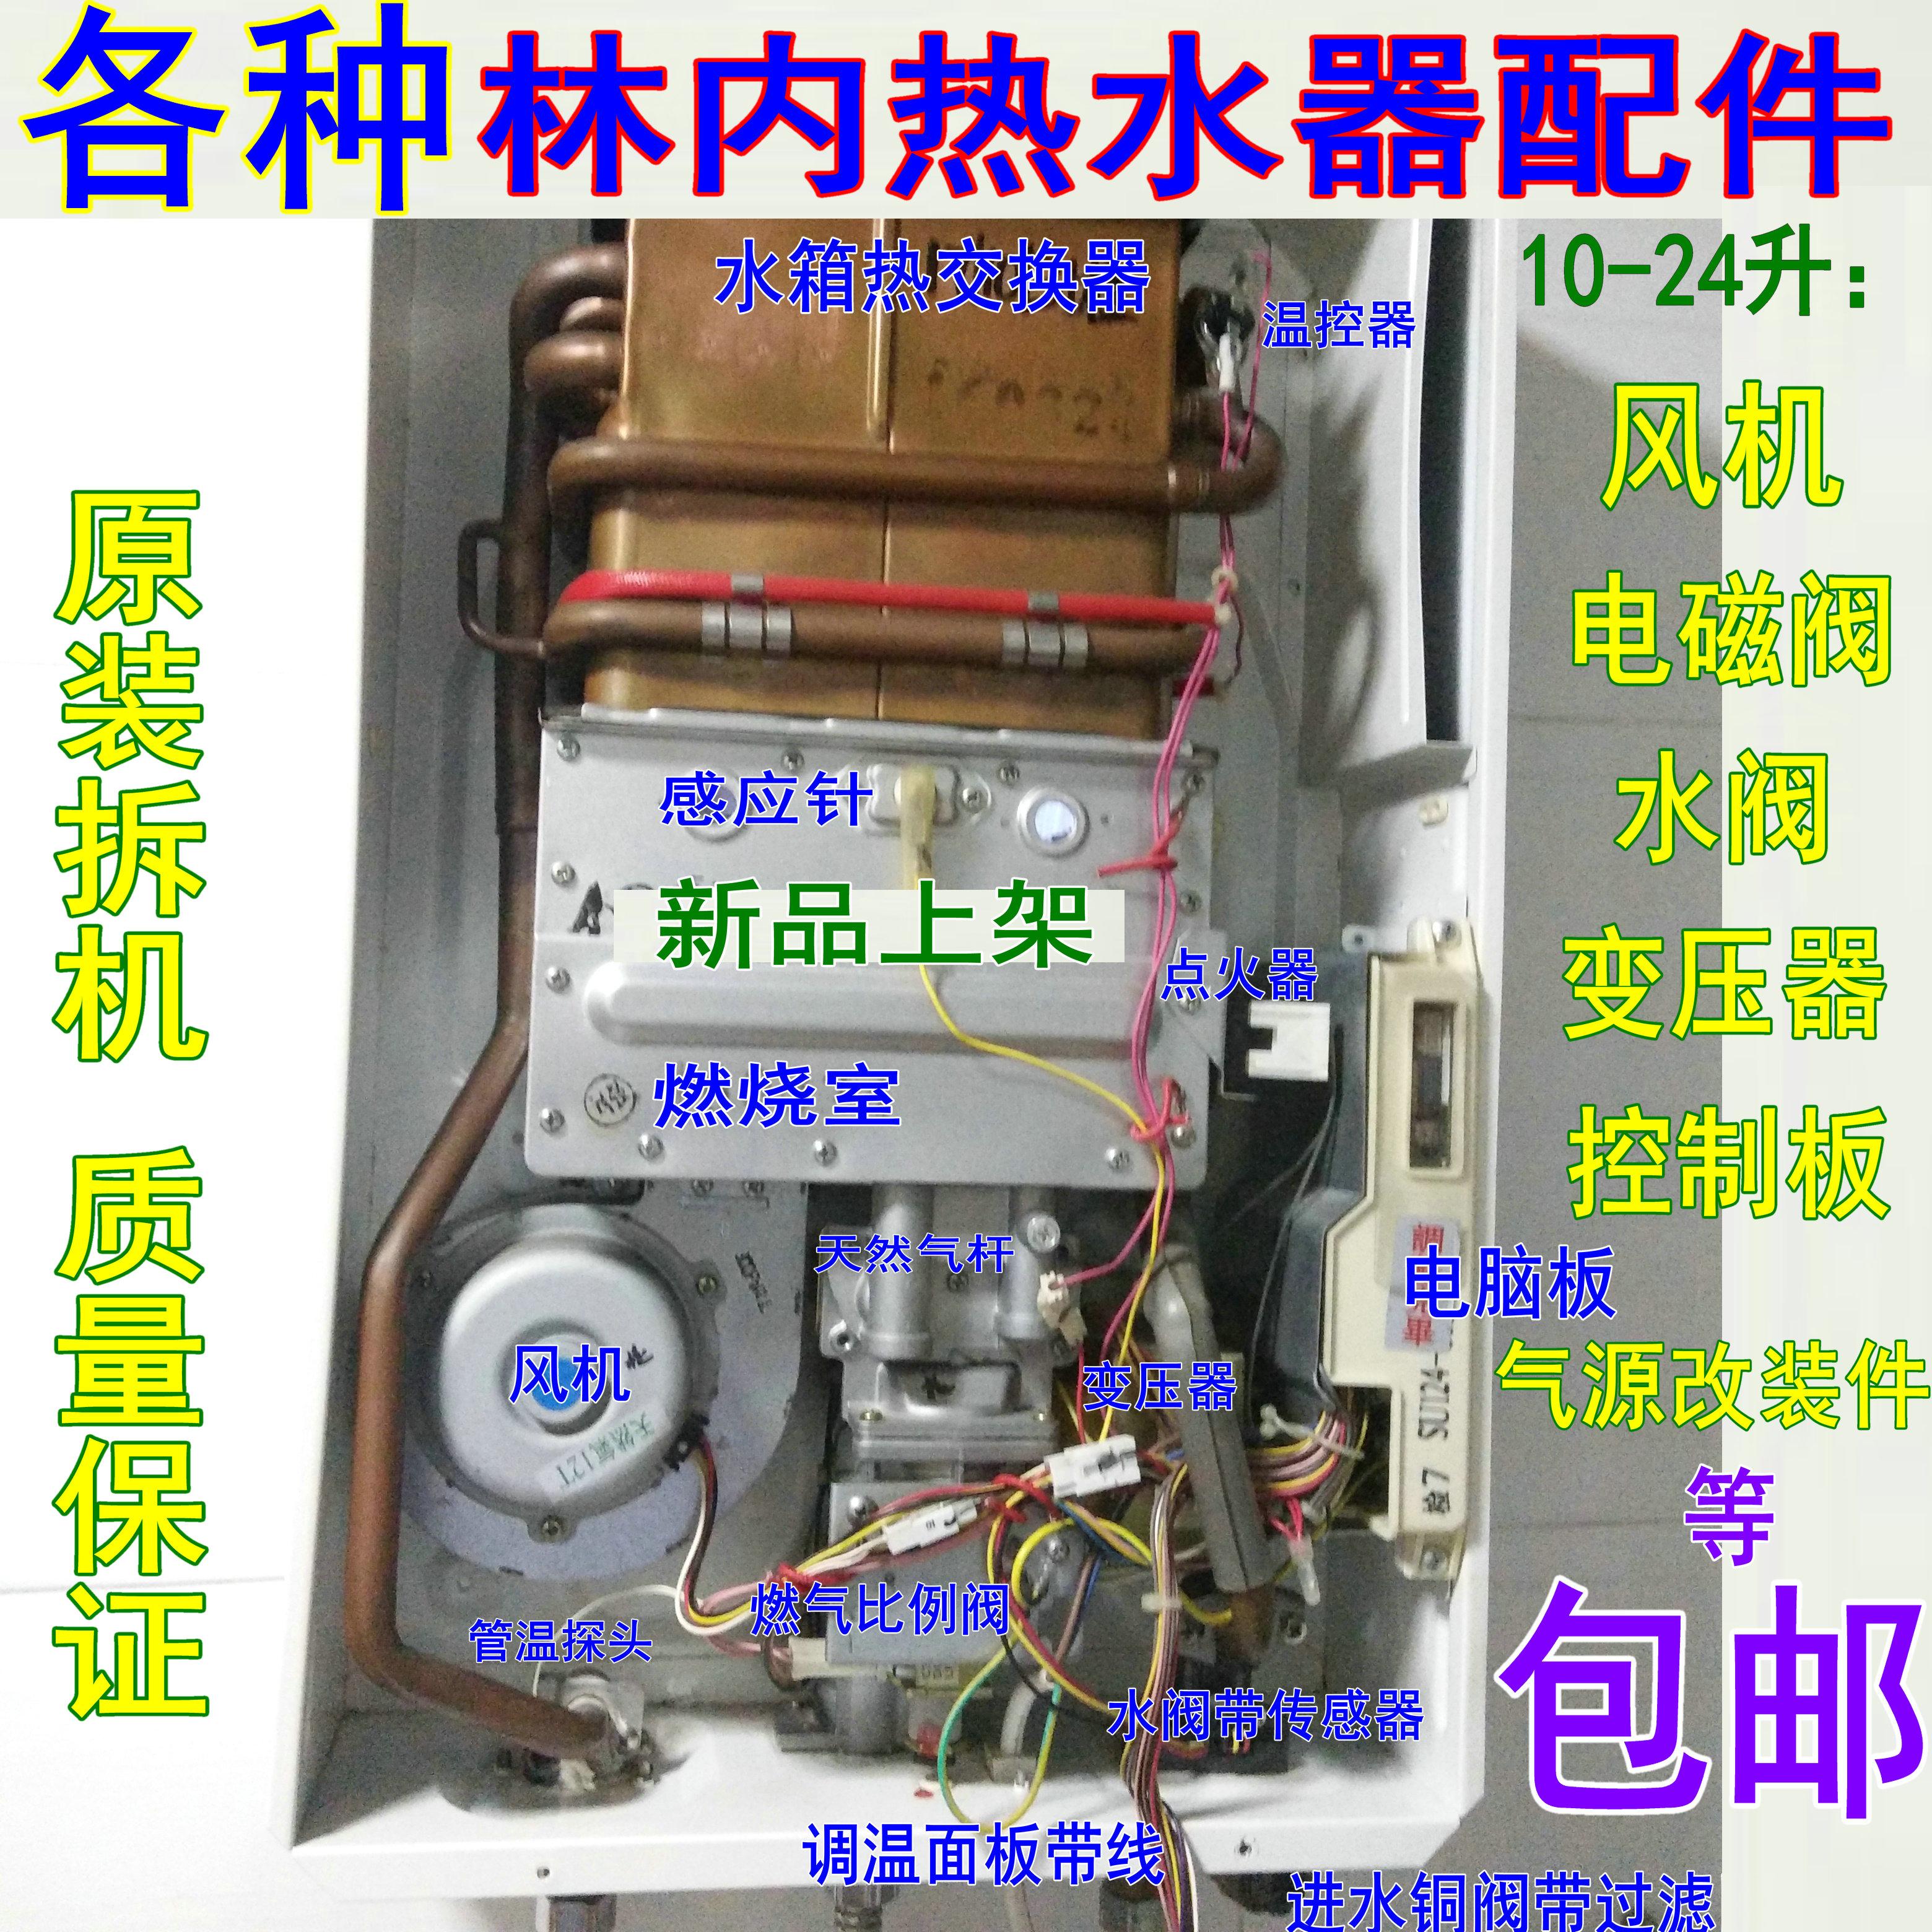 热卖原装林内燃气热水器电脑板 水流传感器 风机 变压器 比例阀配件图片